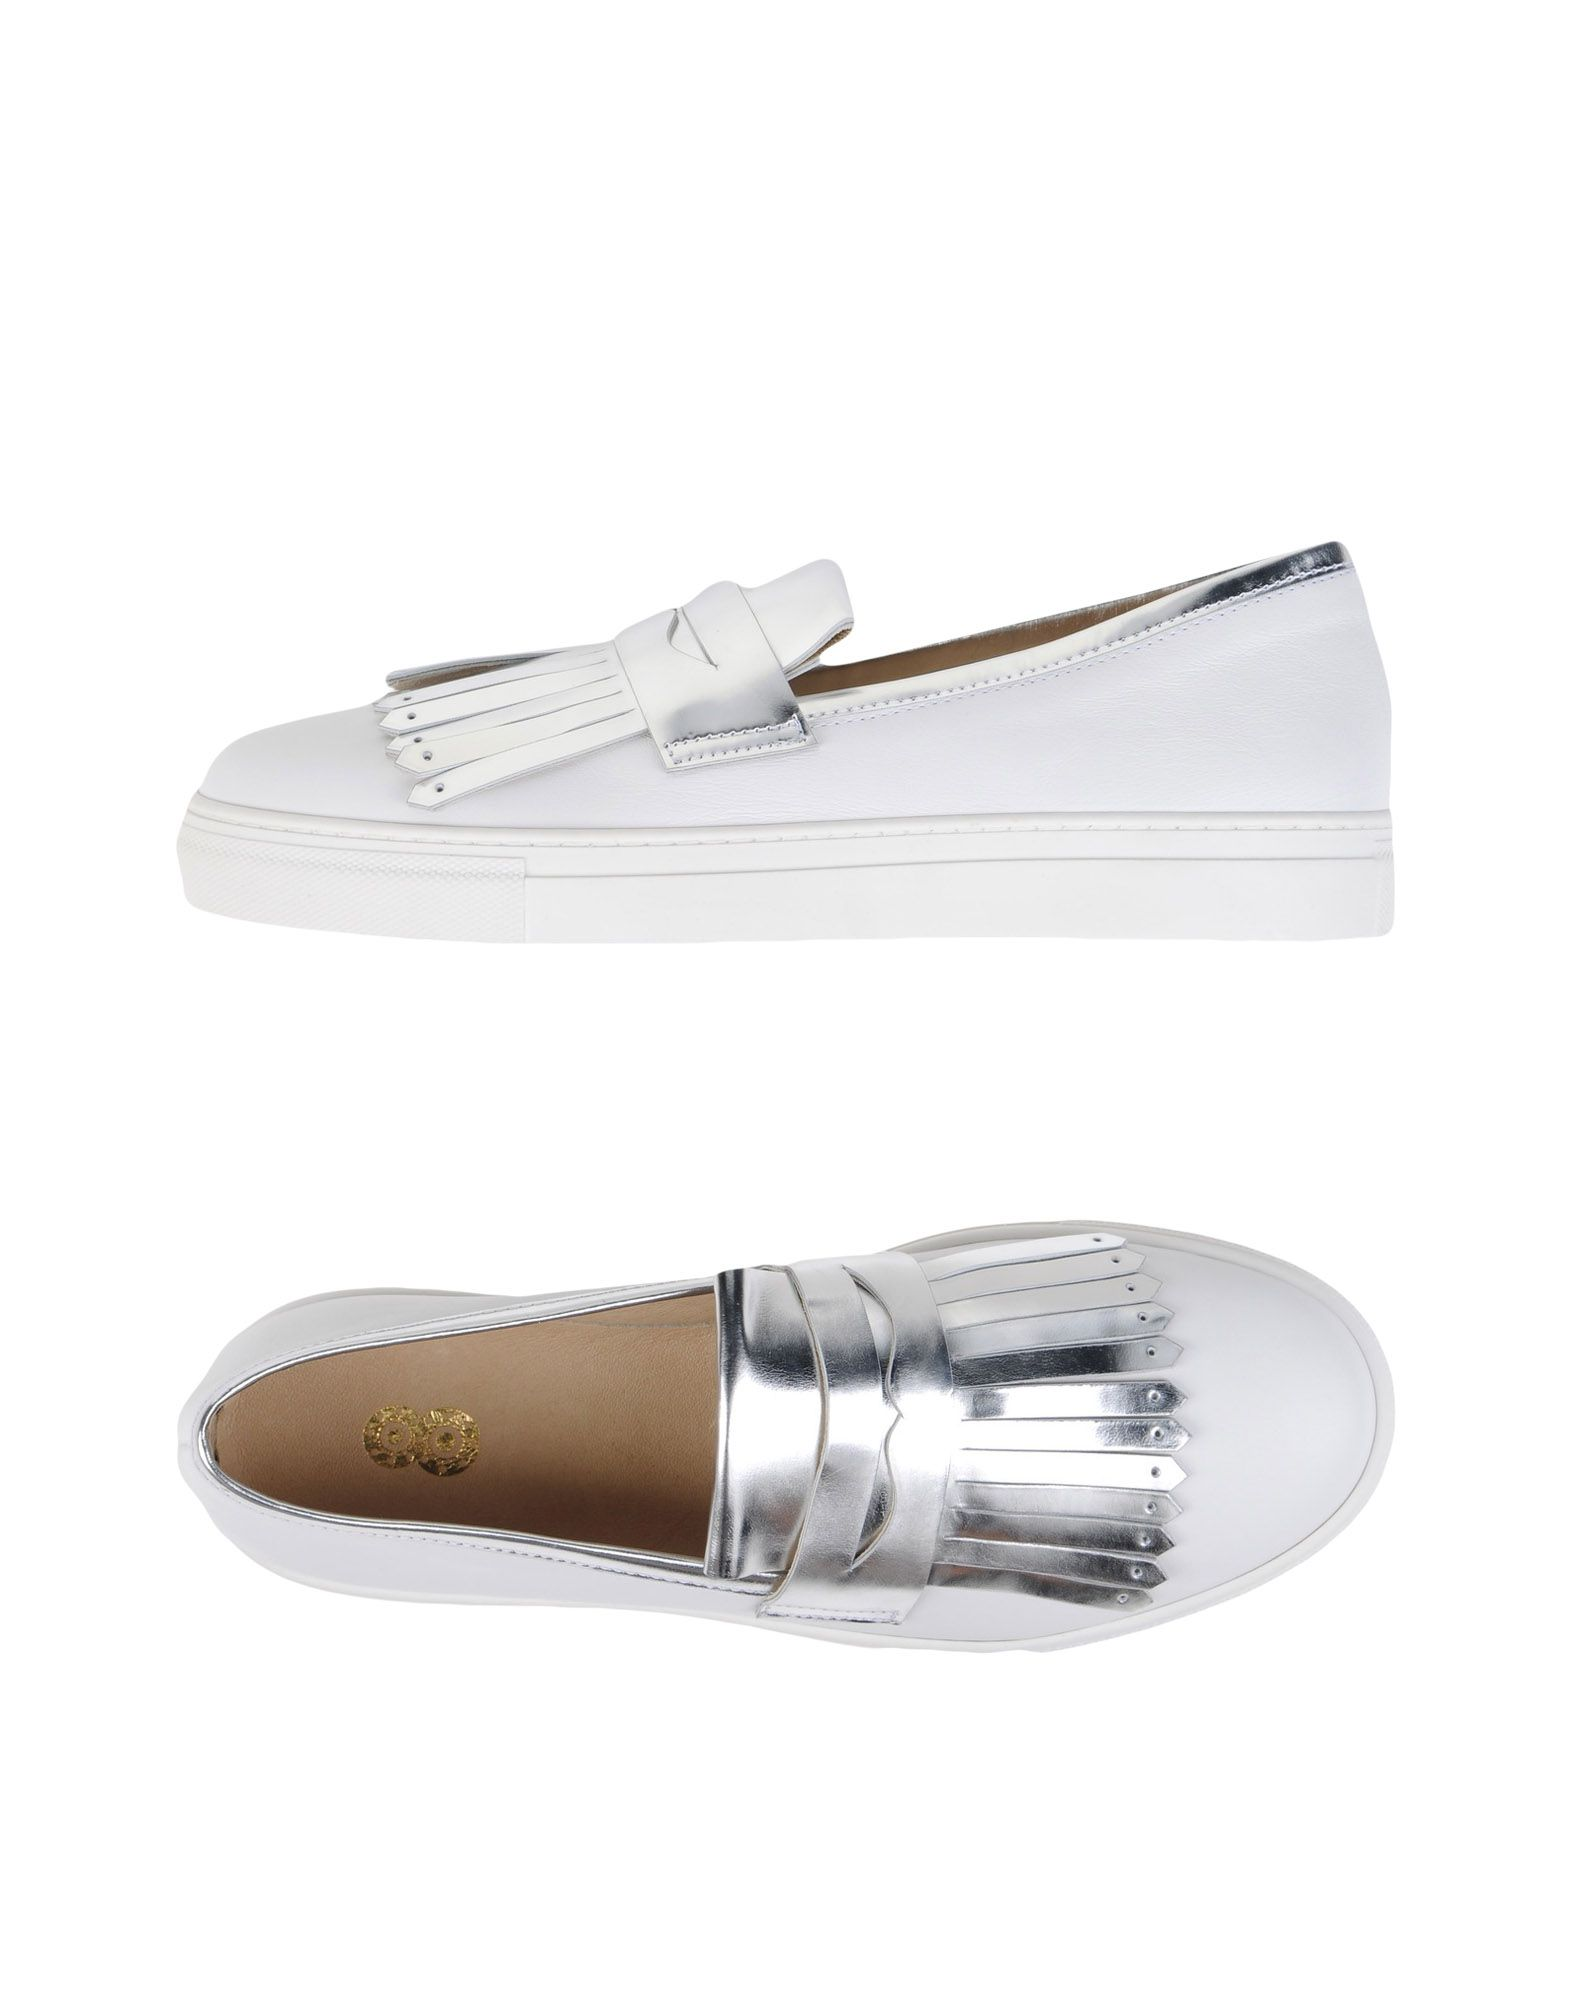 8 Sneakers Damen  11190476RO Gute Qualität beliebte Schuhe